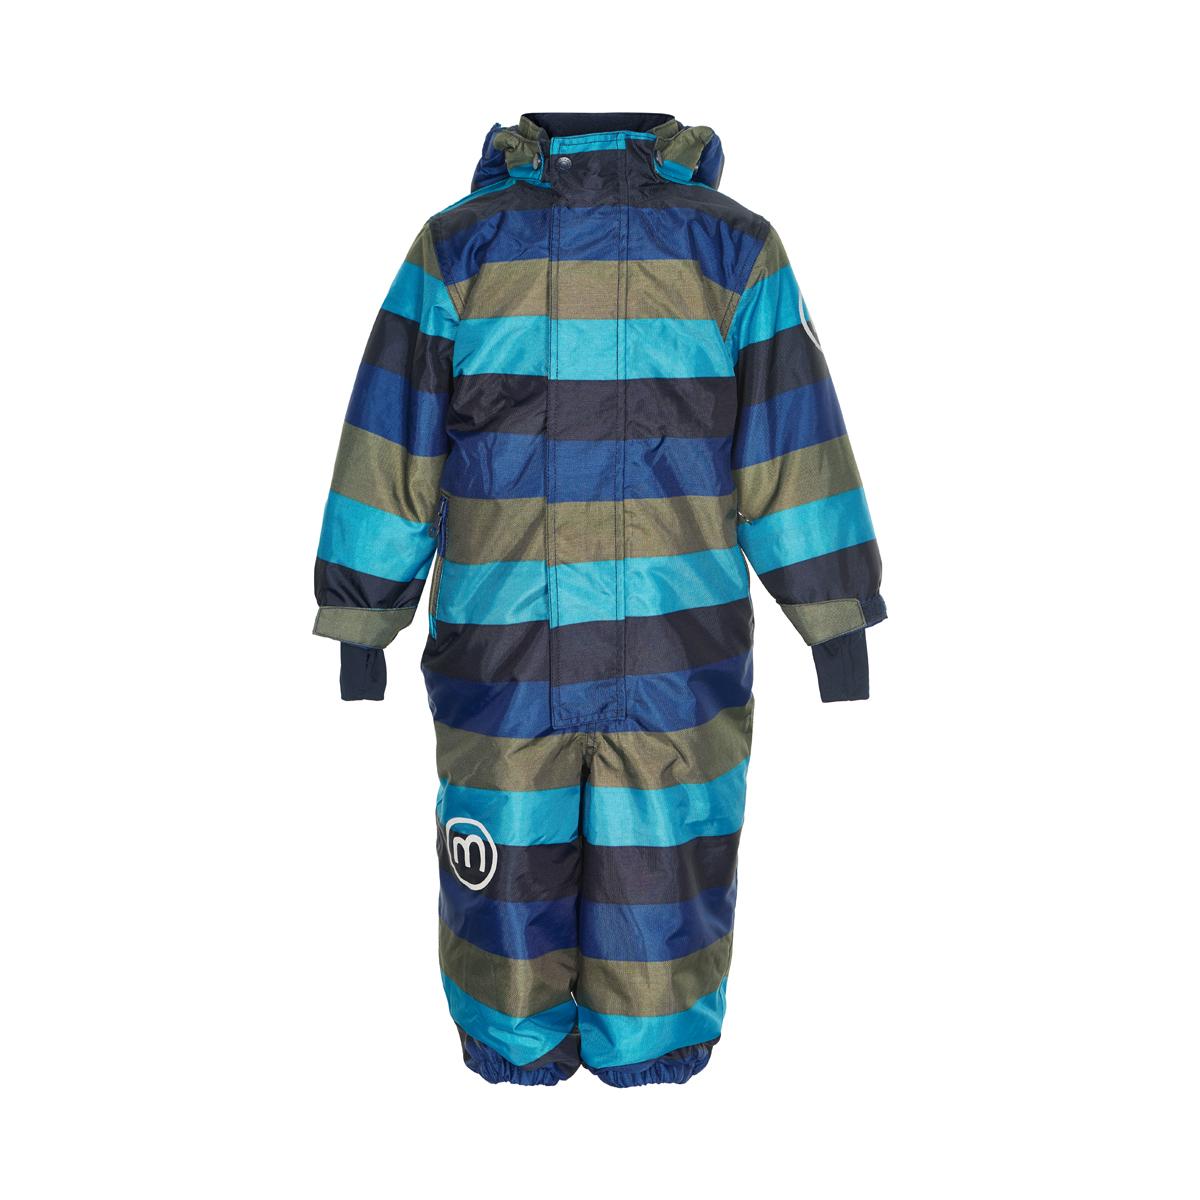 alt = Detský overal zimný s kapucňou pre chlapca modrá farba dánskej značky Minymo 160217_7350